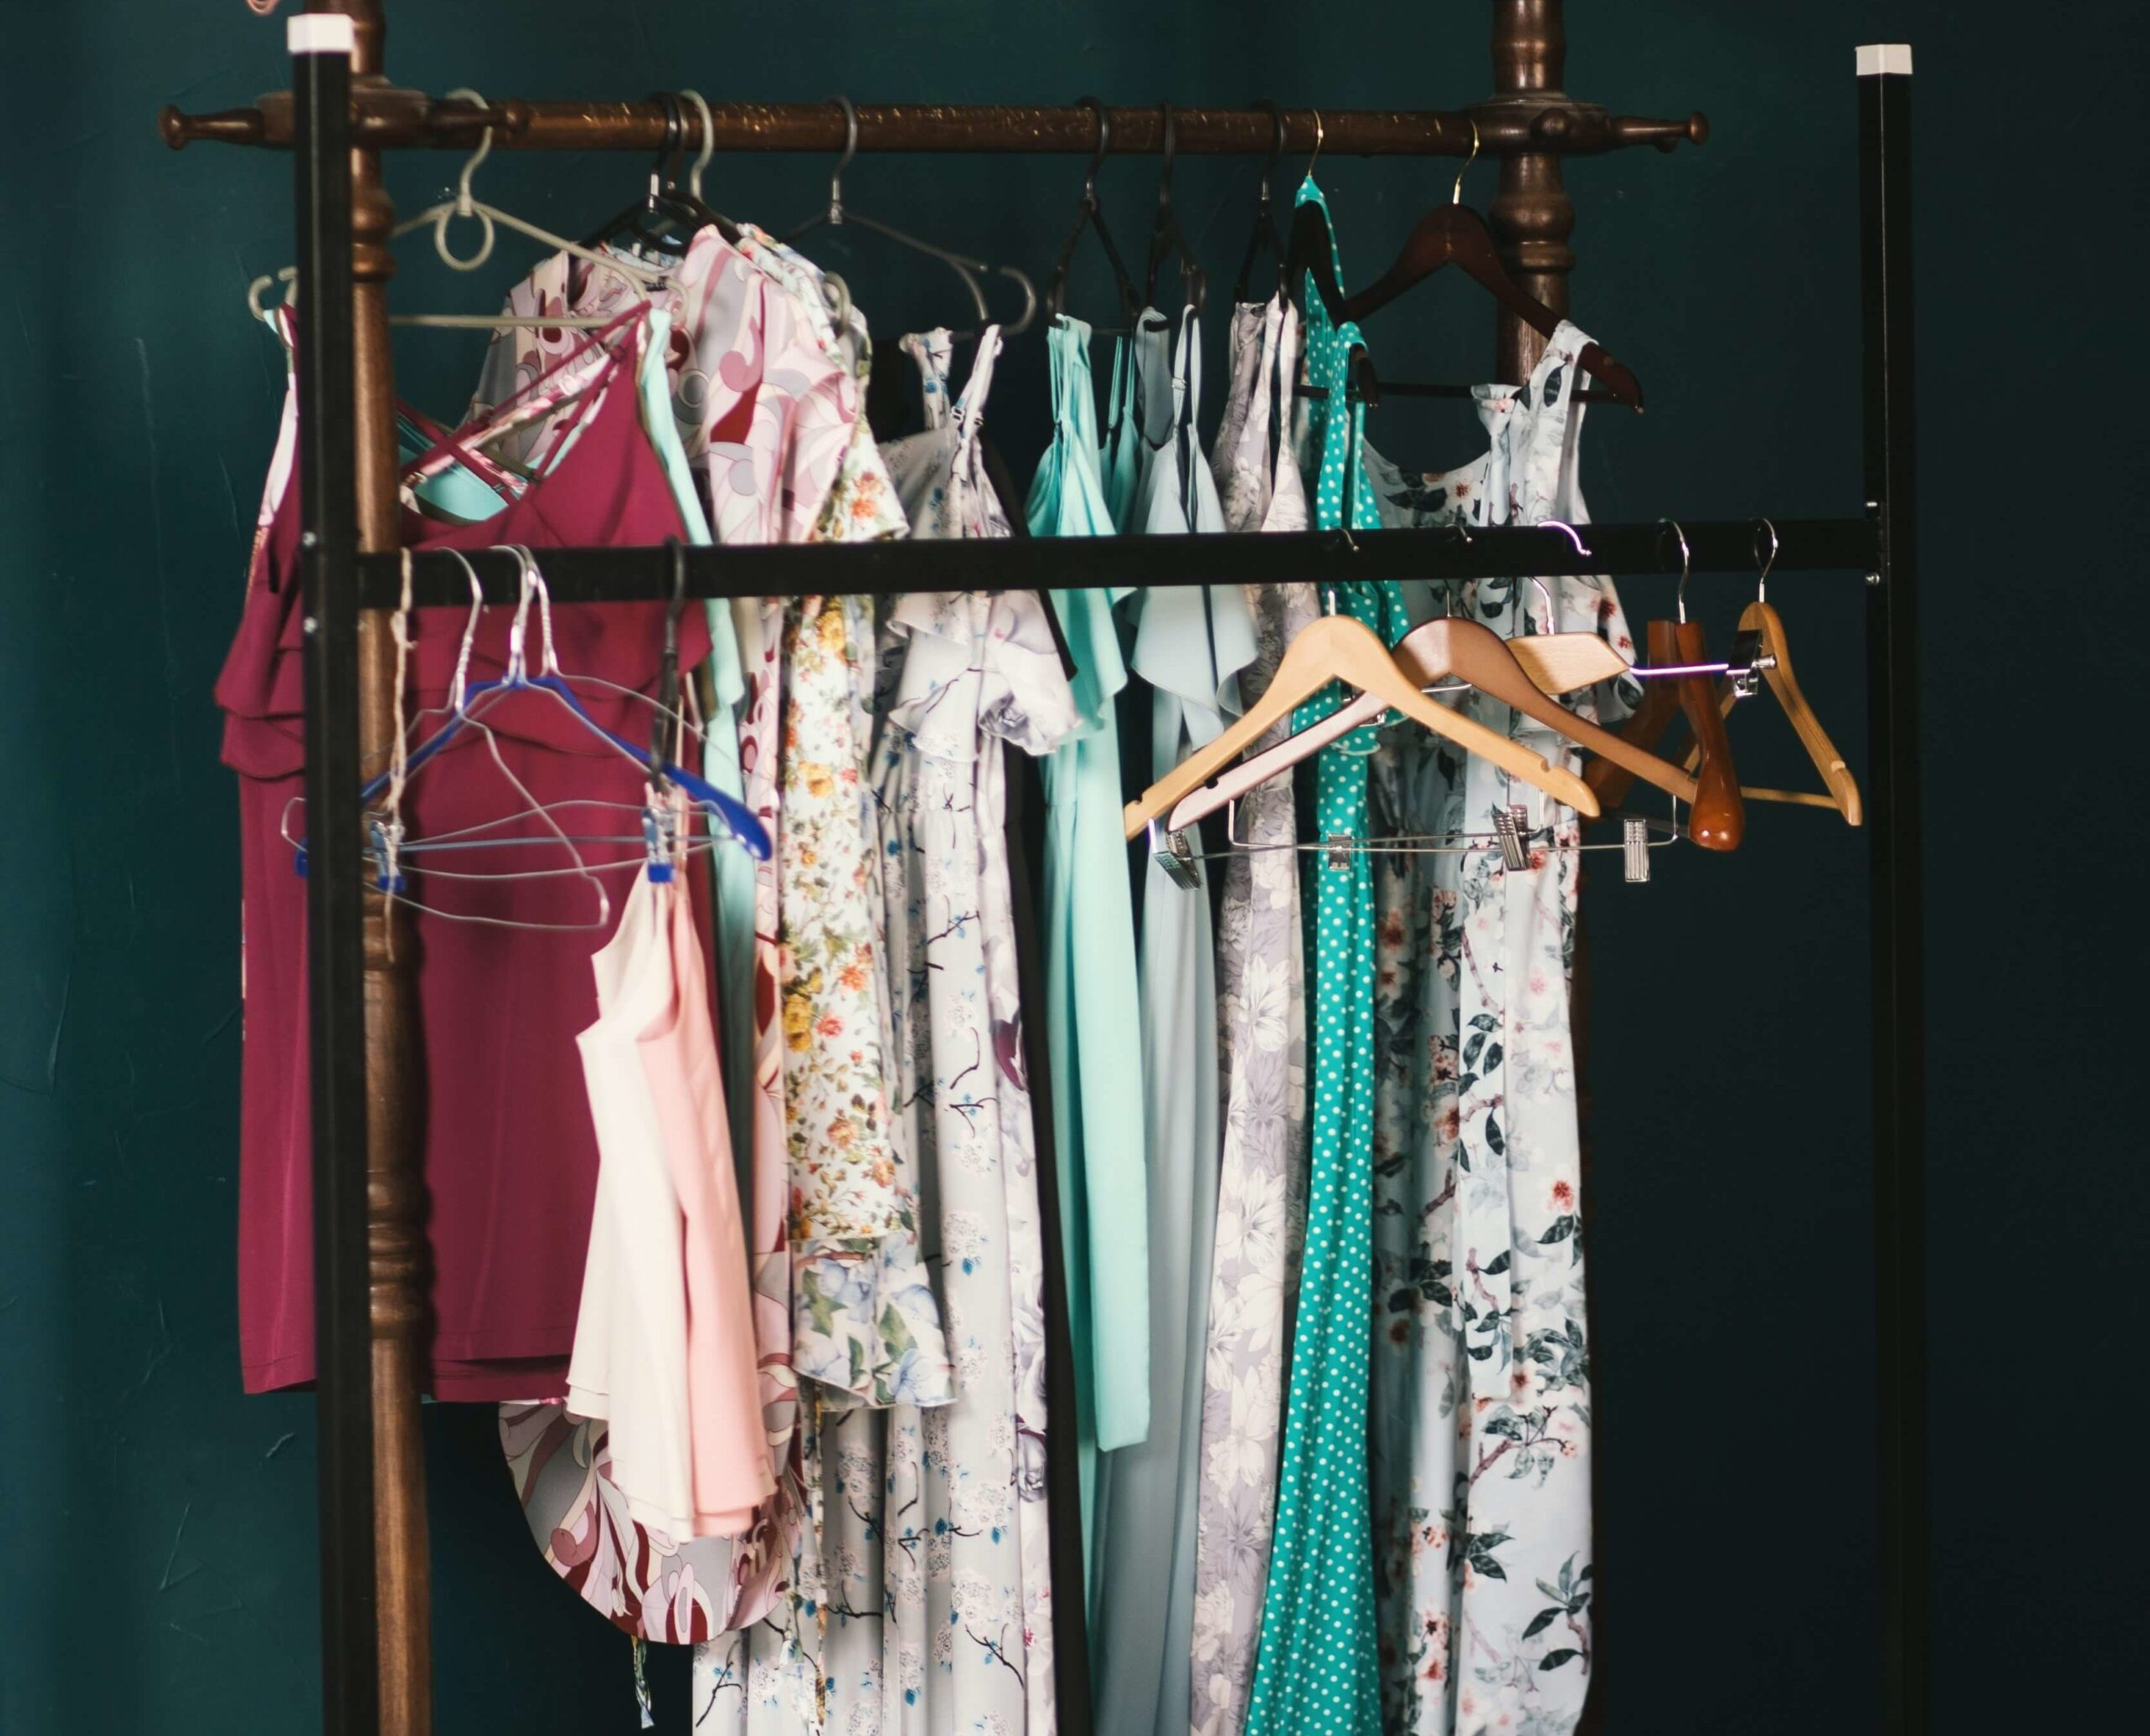 Overzichtelijke kledingkast